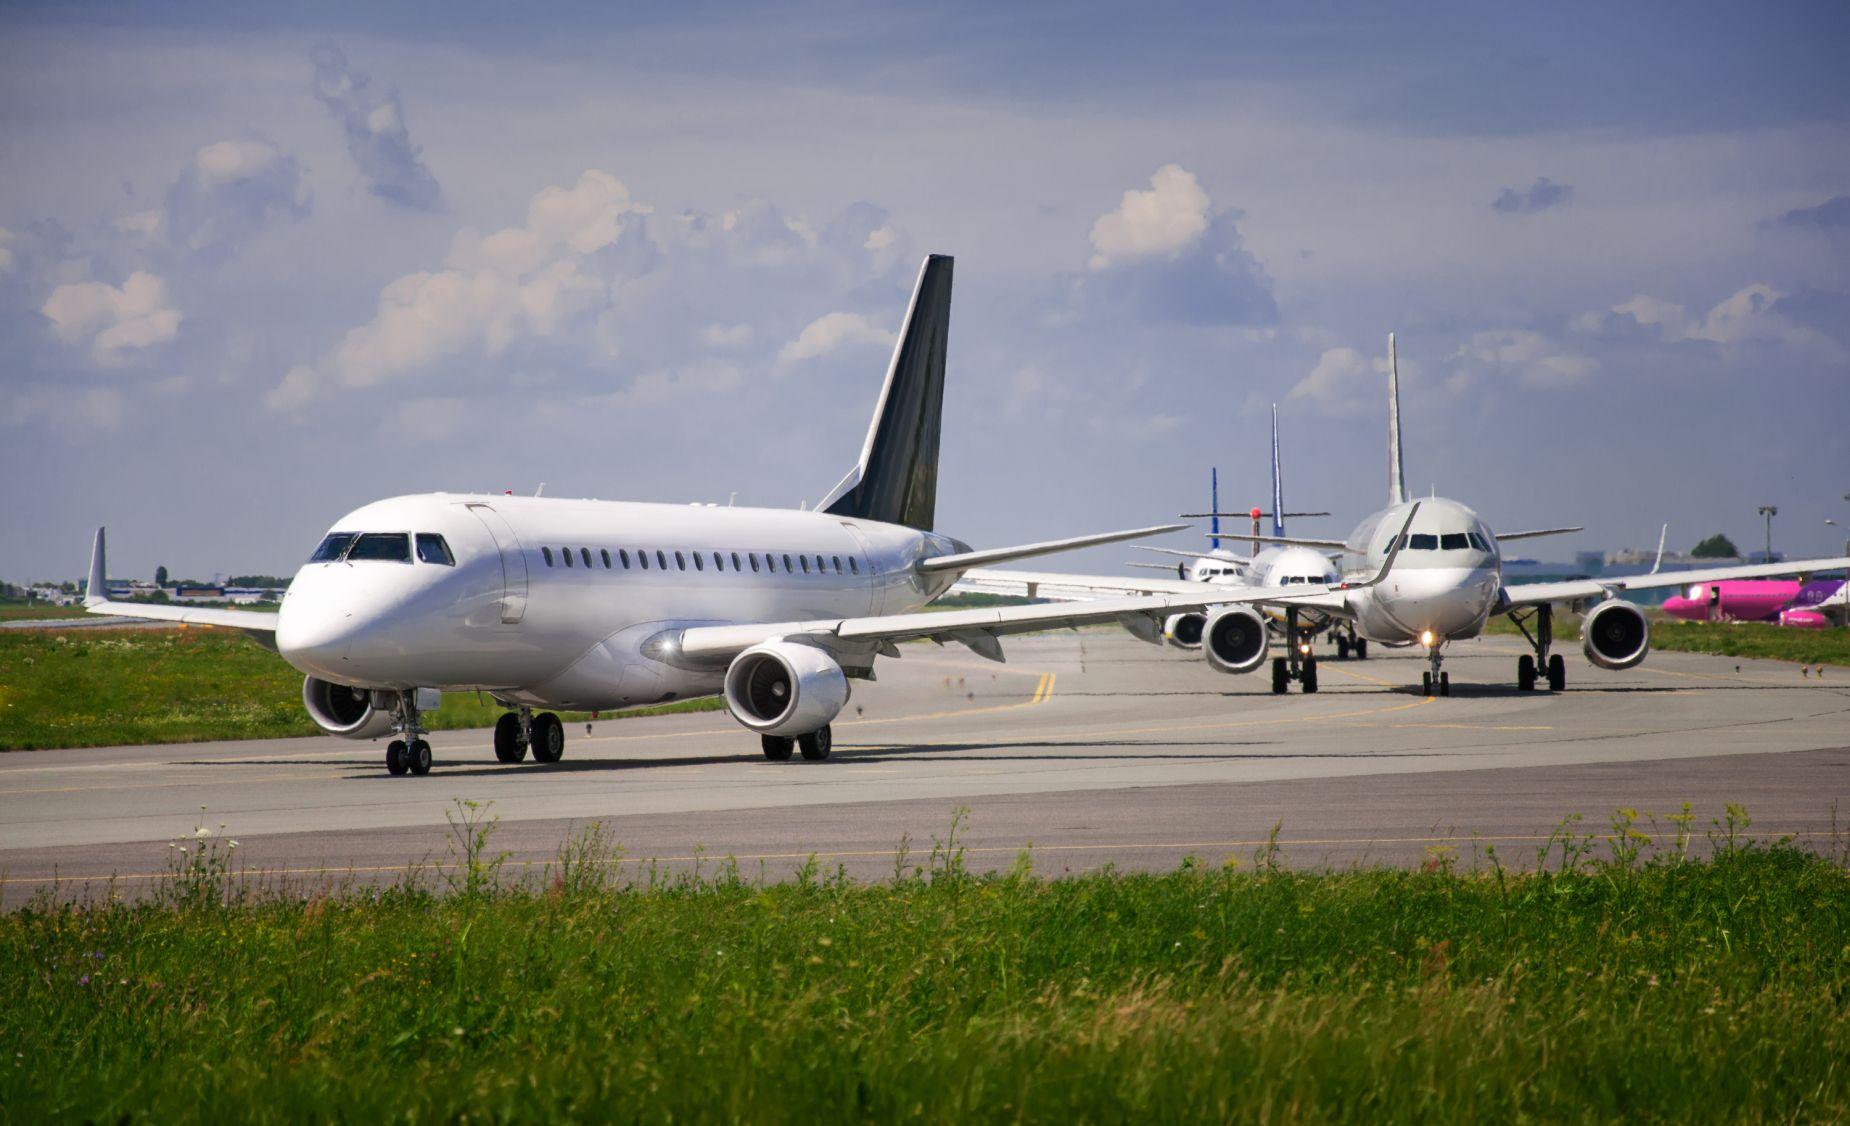 Ruszyła najdłuższa trasa krajowa świata: prawie 12 godzin w samolocie!